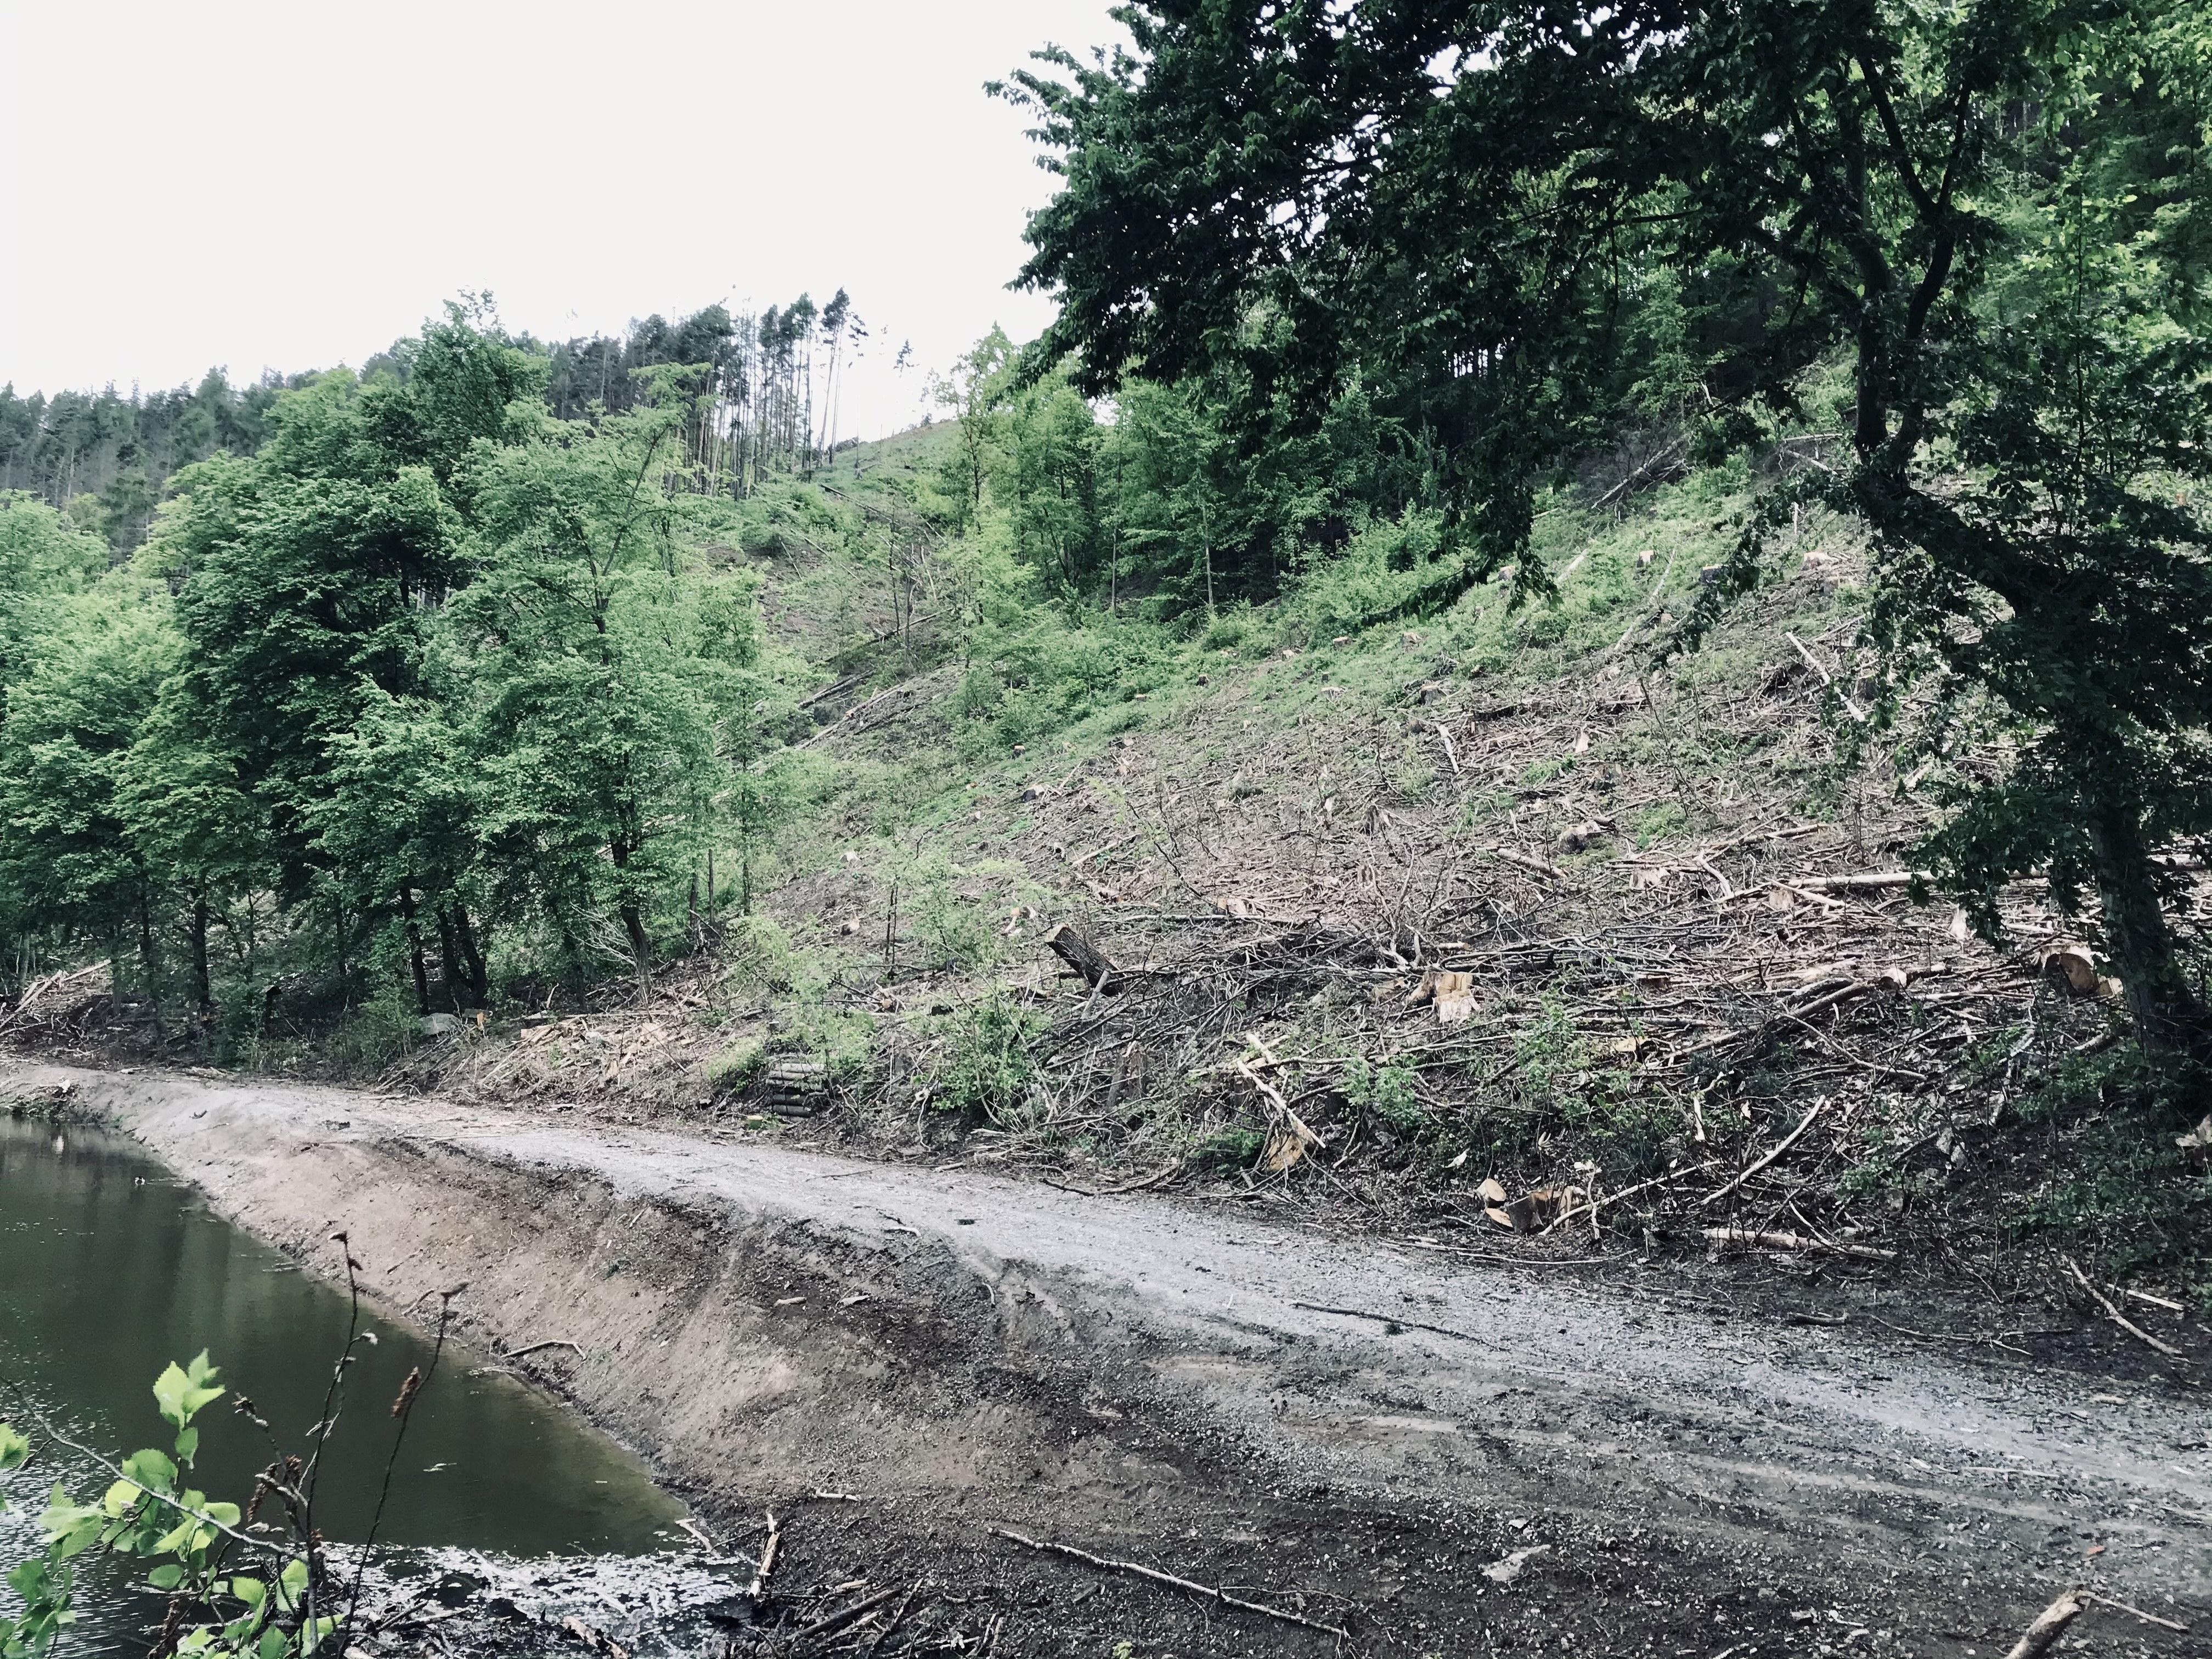 Vedení města se zabývalo také situací v Pilském údolí, kde došlo k rozsáhlejší těžbě dřeva v soukromých lesích rodiny Mensdorff-Pouilly a práce zasáhly i veřejné komunikace